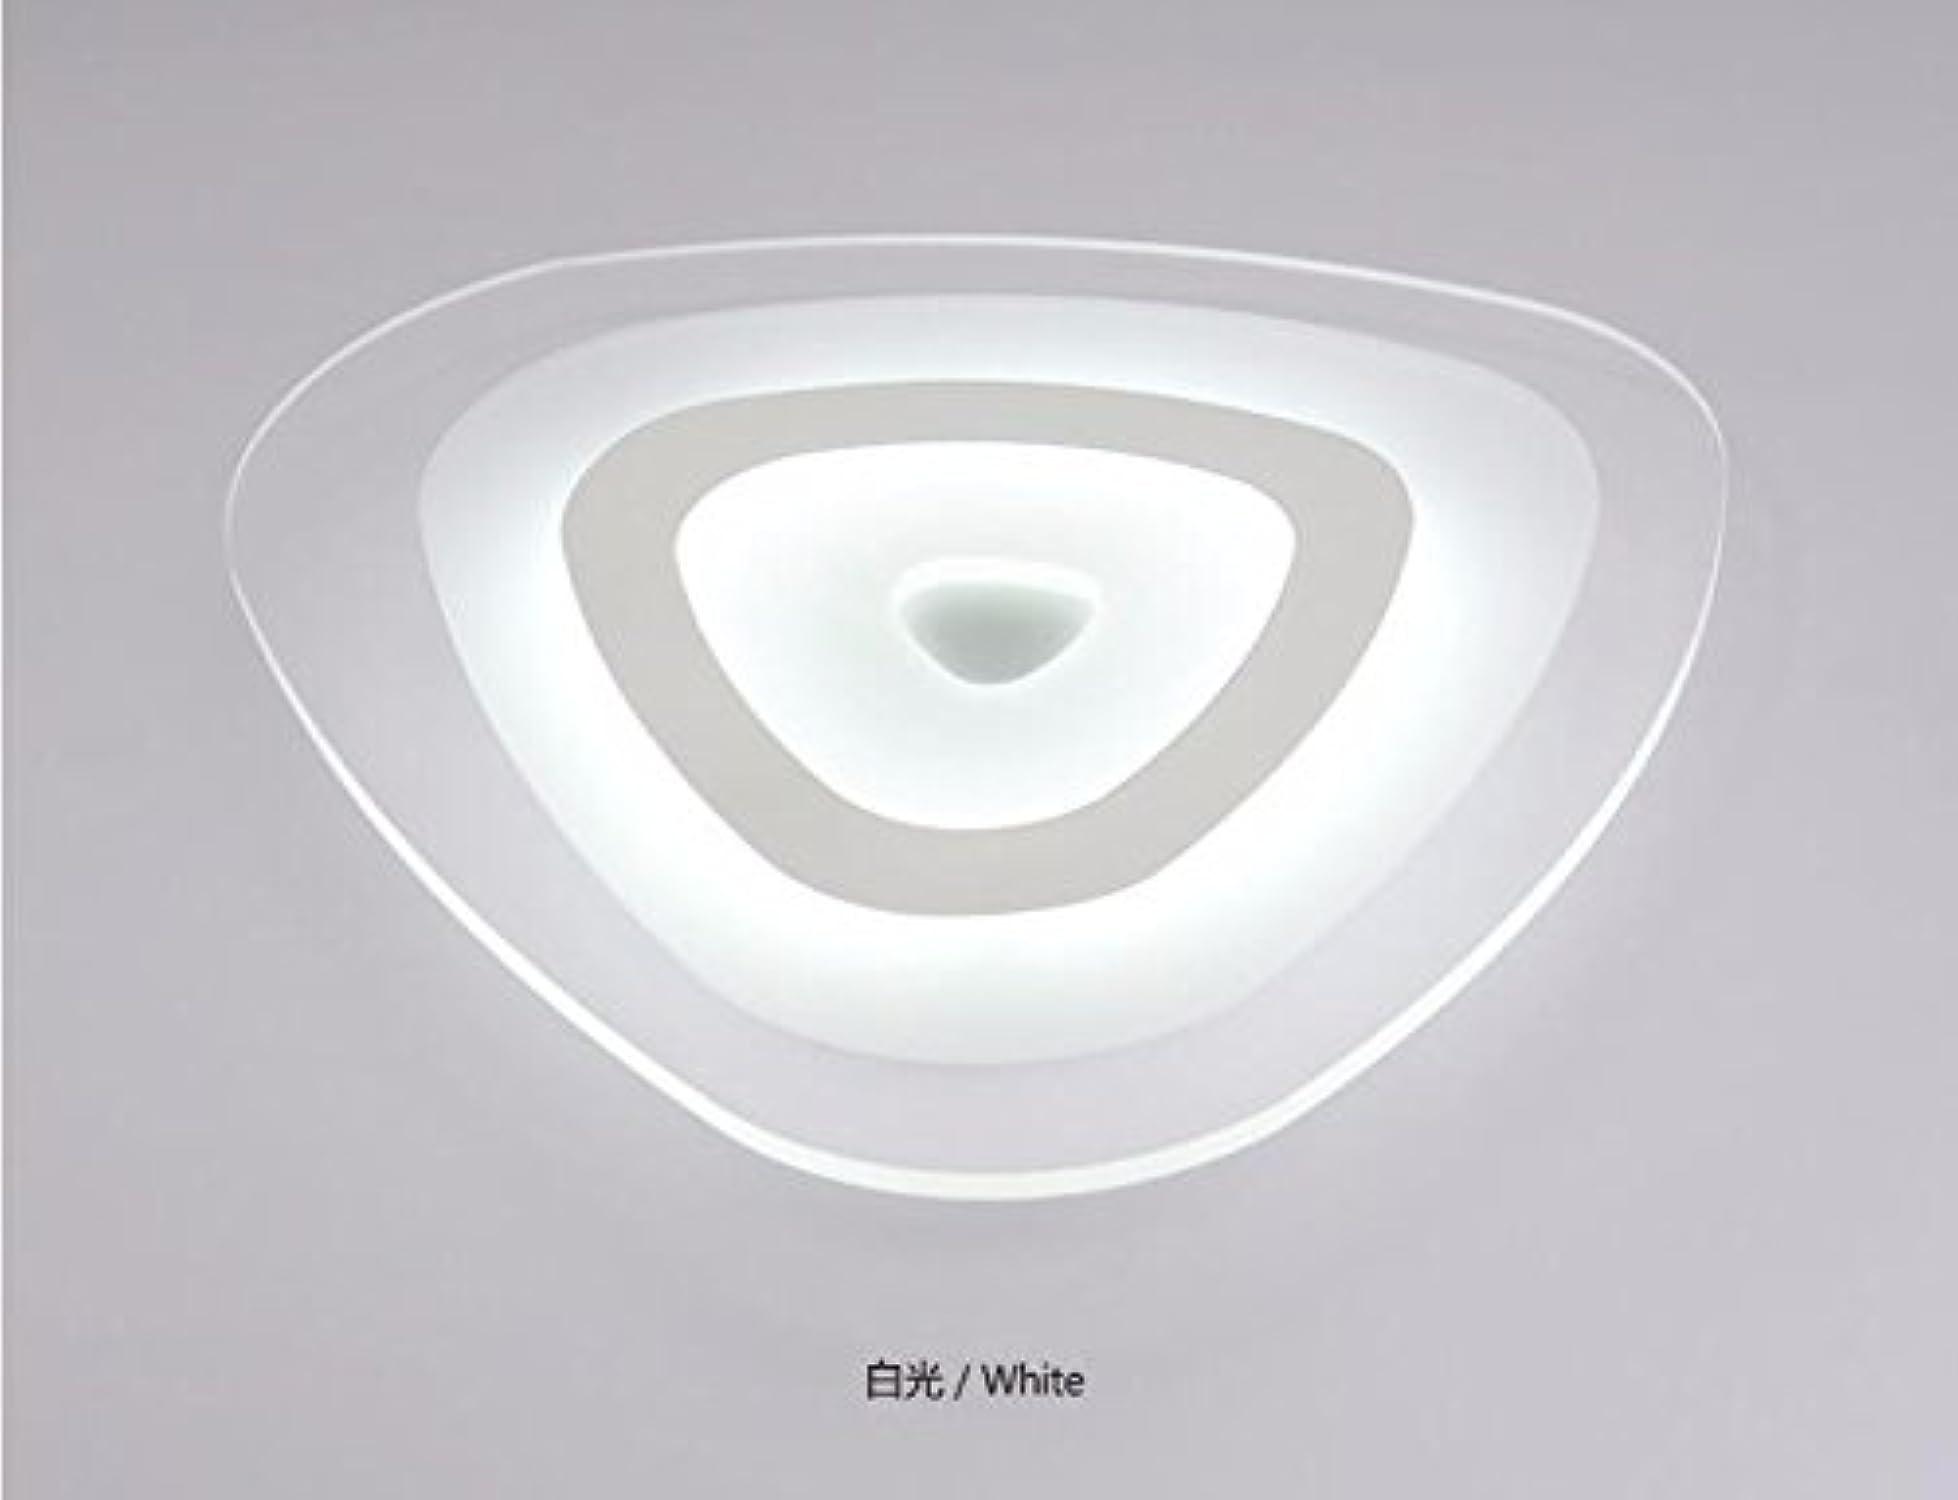 Chambre à coucher salon LED plafond lampe moderne simple ultra-mince plafonniers rond led chambre plafond lumière ambiante Lampes enfants,20  20cm 12W blanc